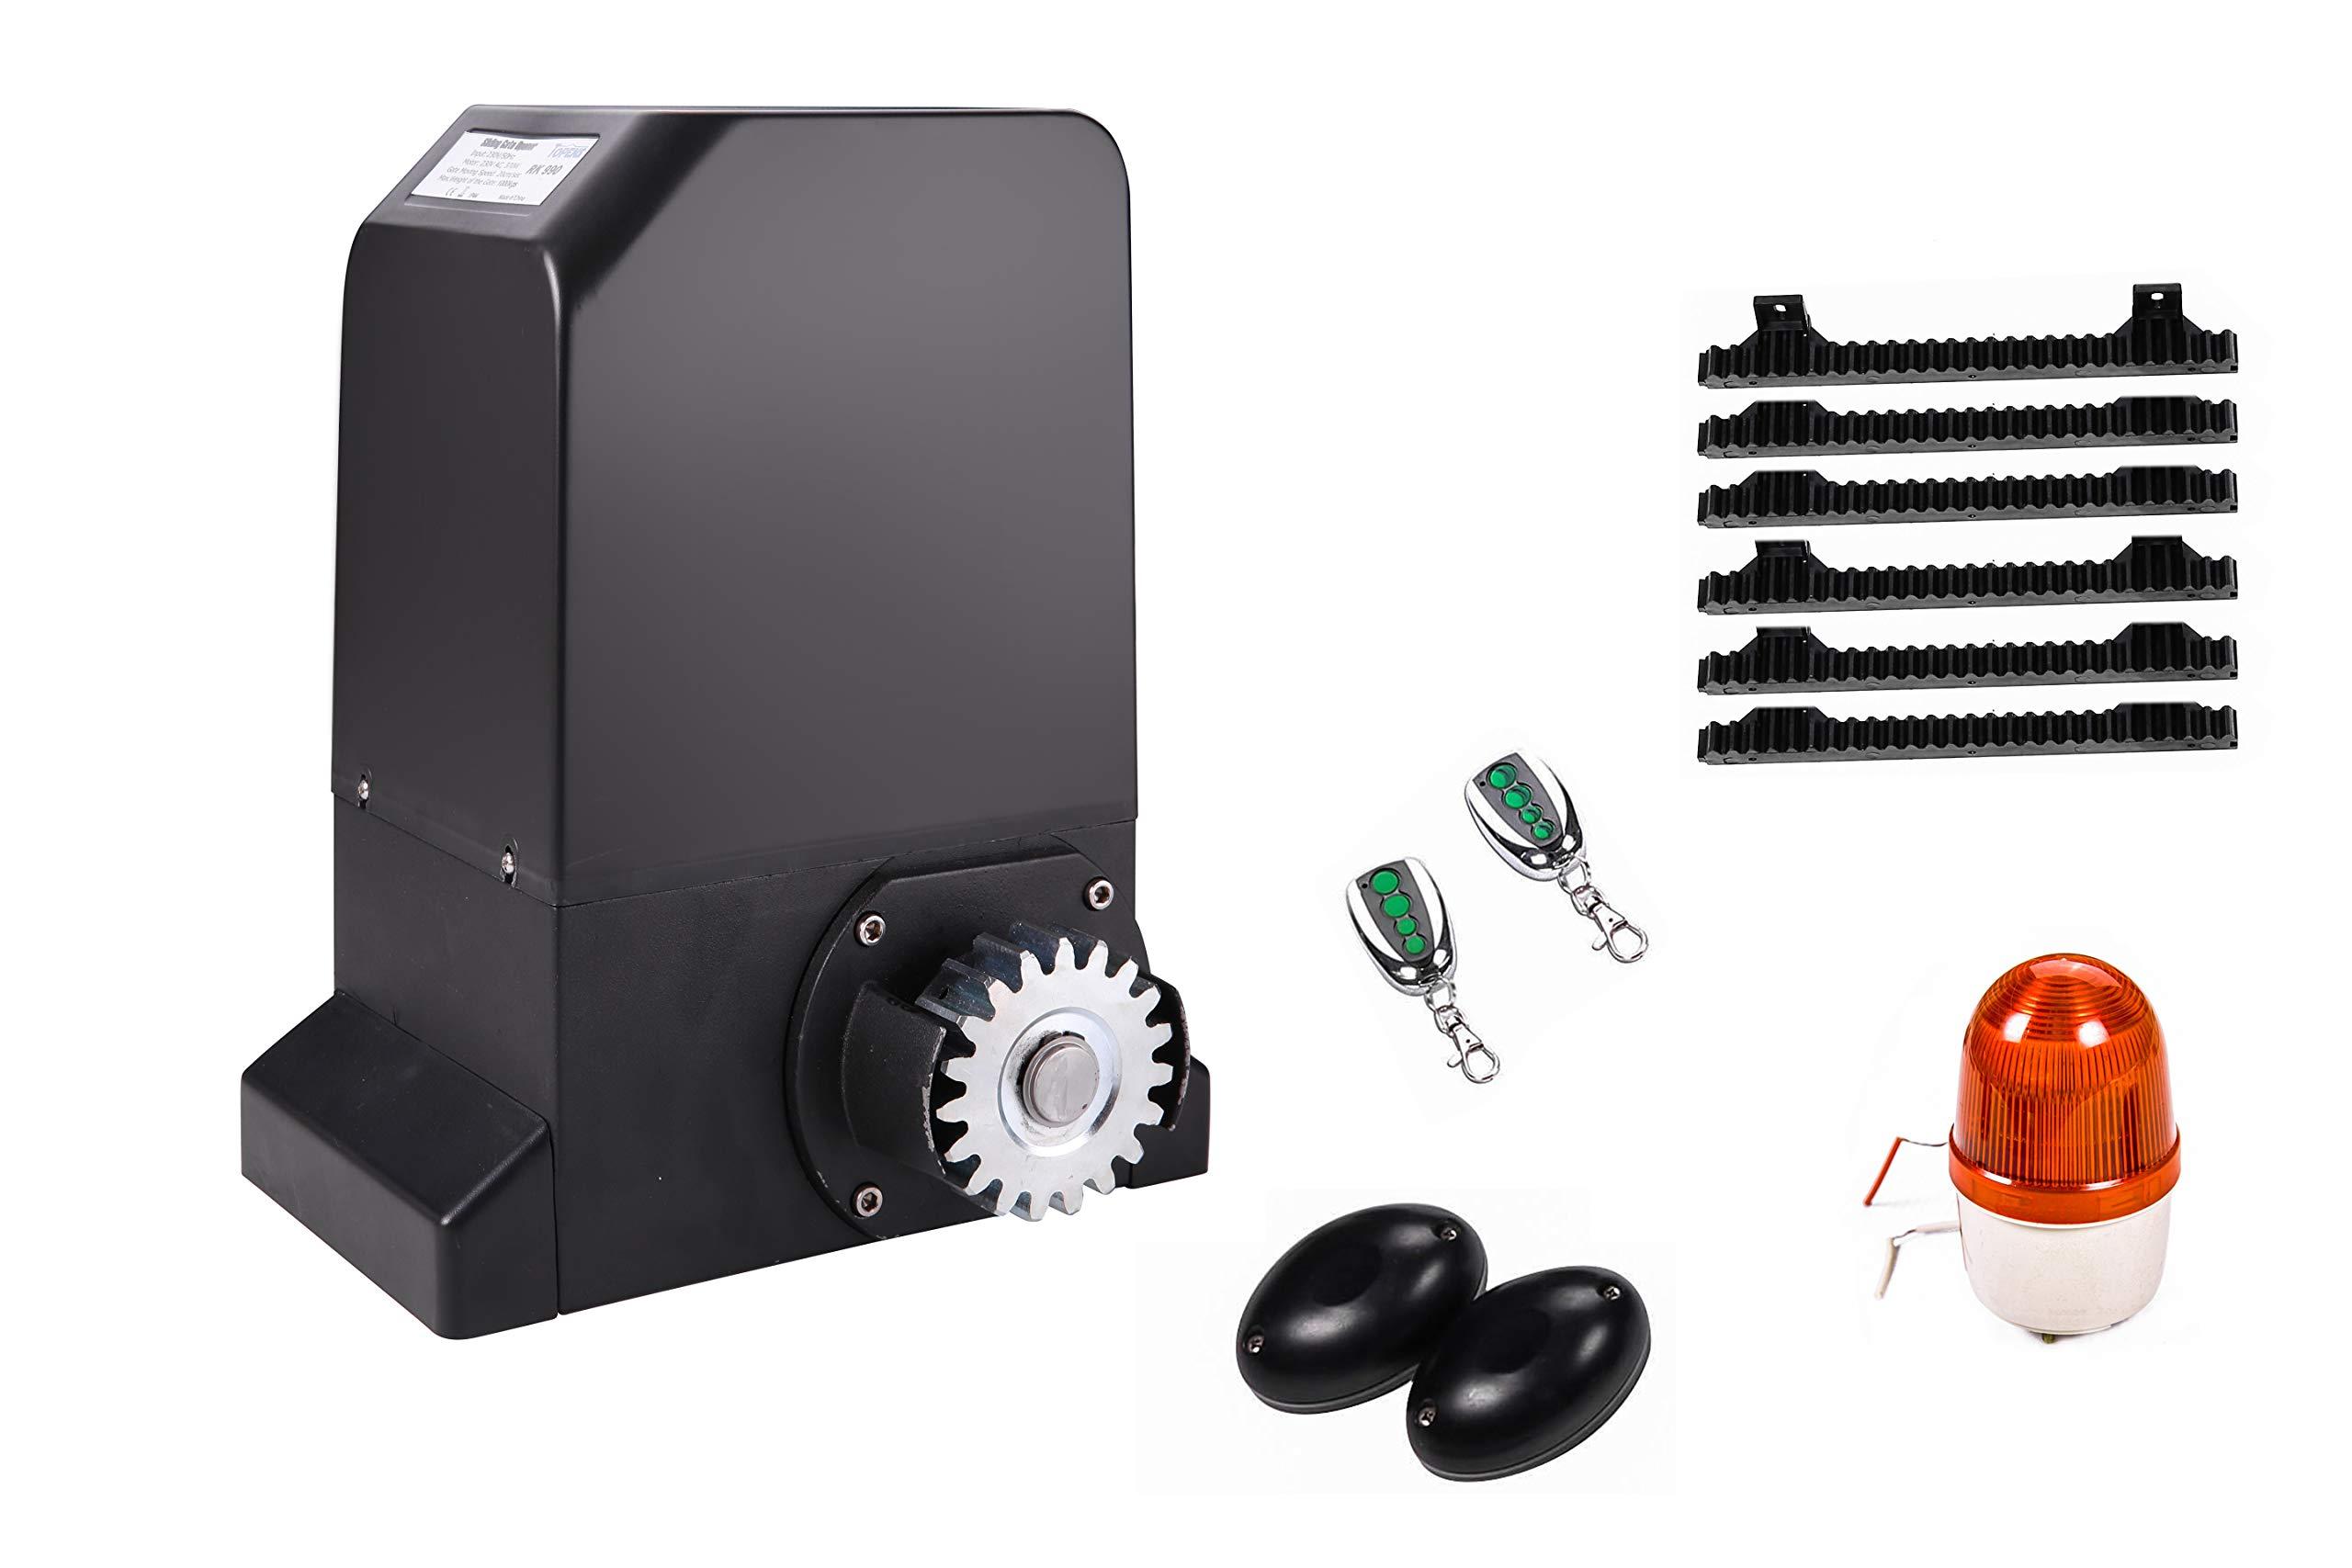 TOPENS RK990T - Abridor de puerta corredera para puerta de hasta 1000 kg de motor de puerta, 4 m de estante, fotocélula y parpadeo incluido.: Amazon.es: Bricolaje y herramientas